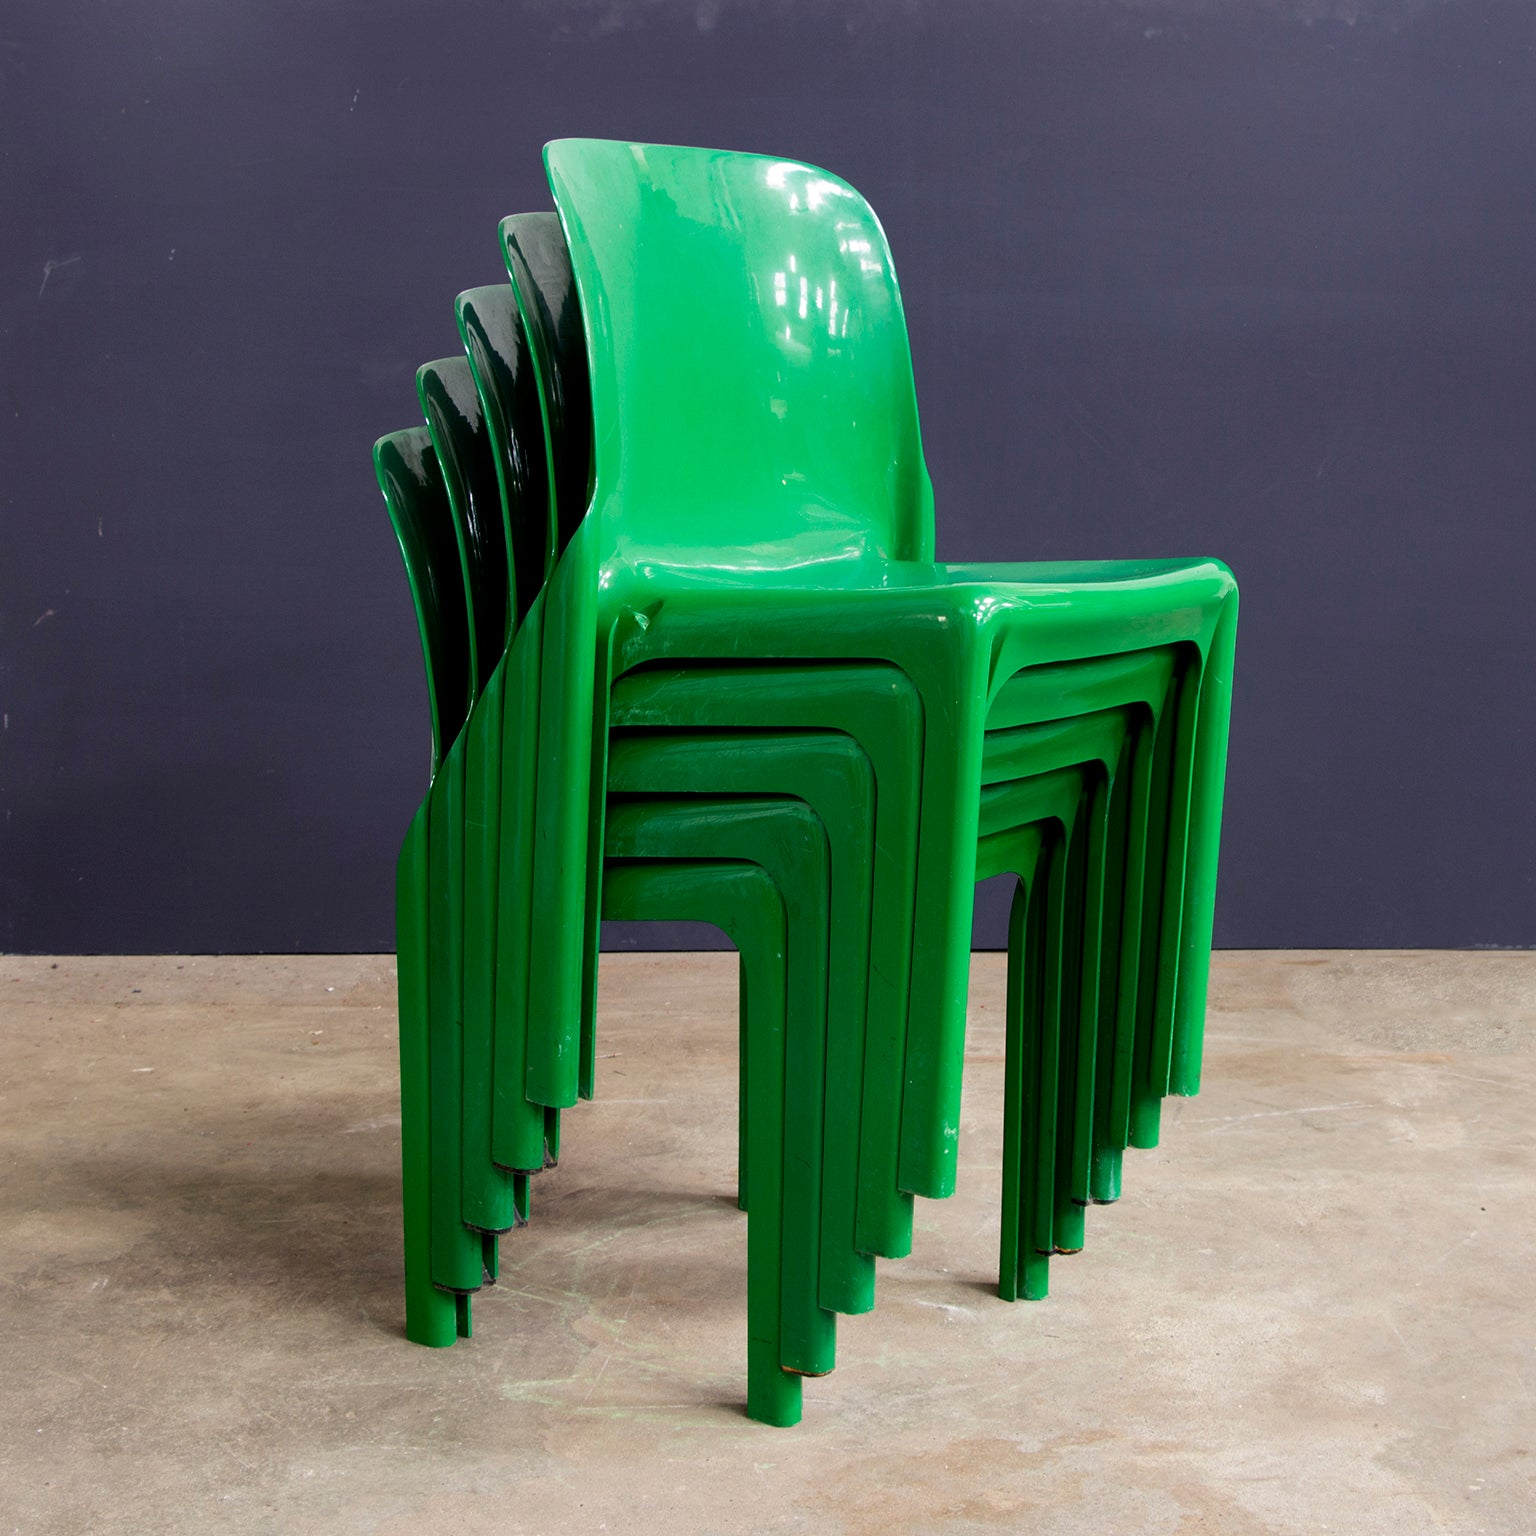 Plastic Design Stoelen.Dsvfztmx63b7pm